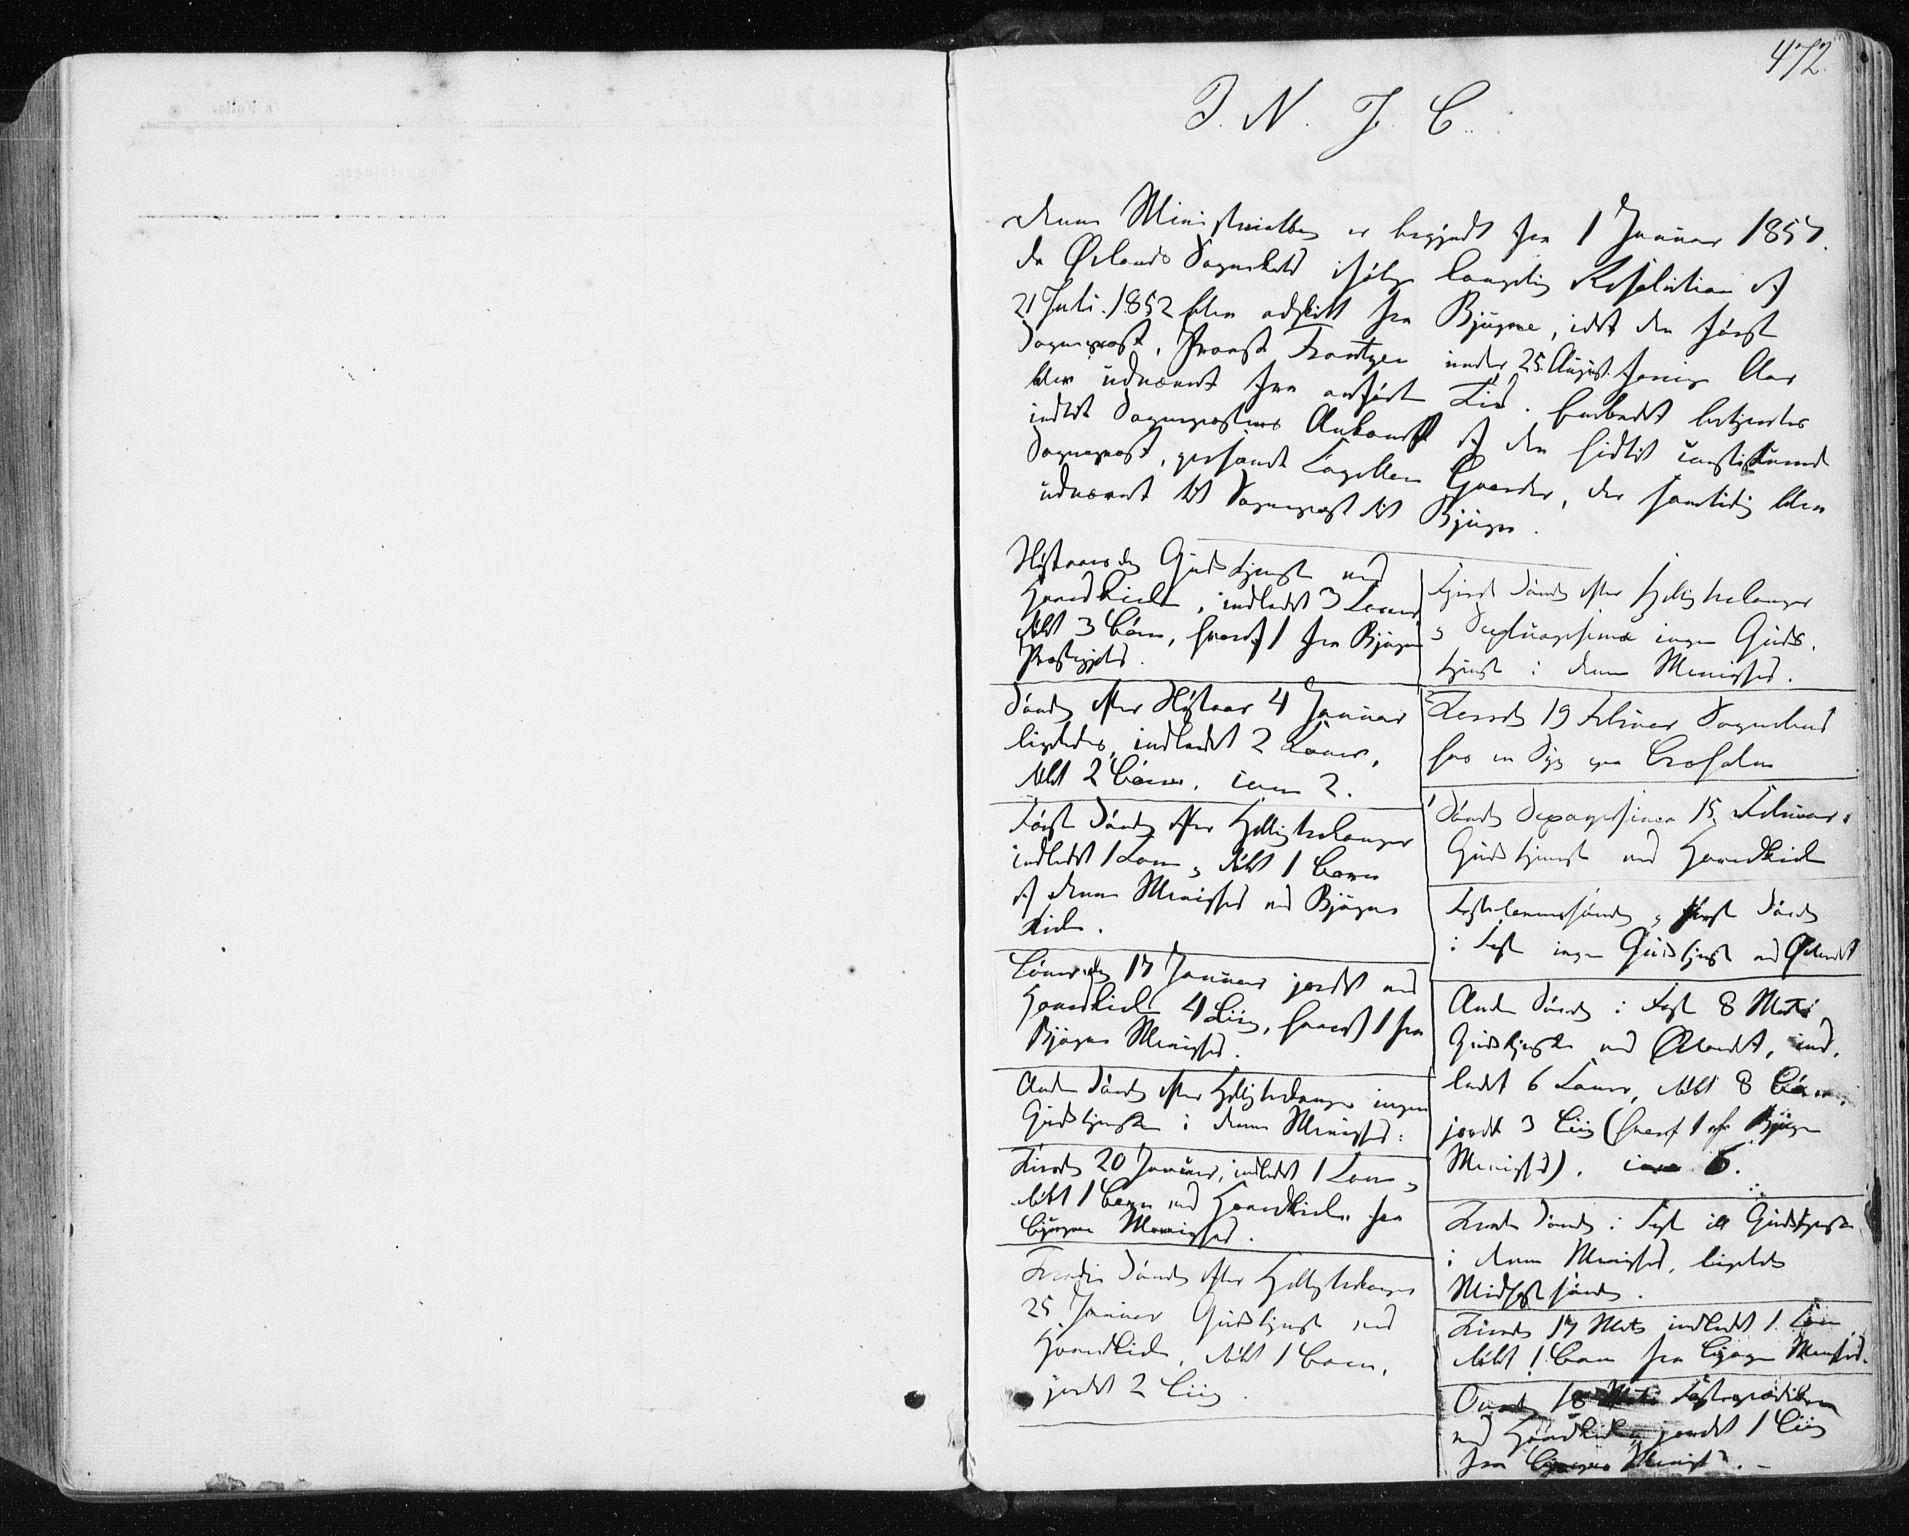 SAT, Ministerialprotokoller, klokkerbøker og fødselsregistre - Sør-Trøndelag, 659/L0737: Ministerialbok nr. 659A07, 1857-1875, s. 472